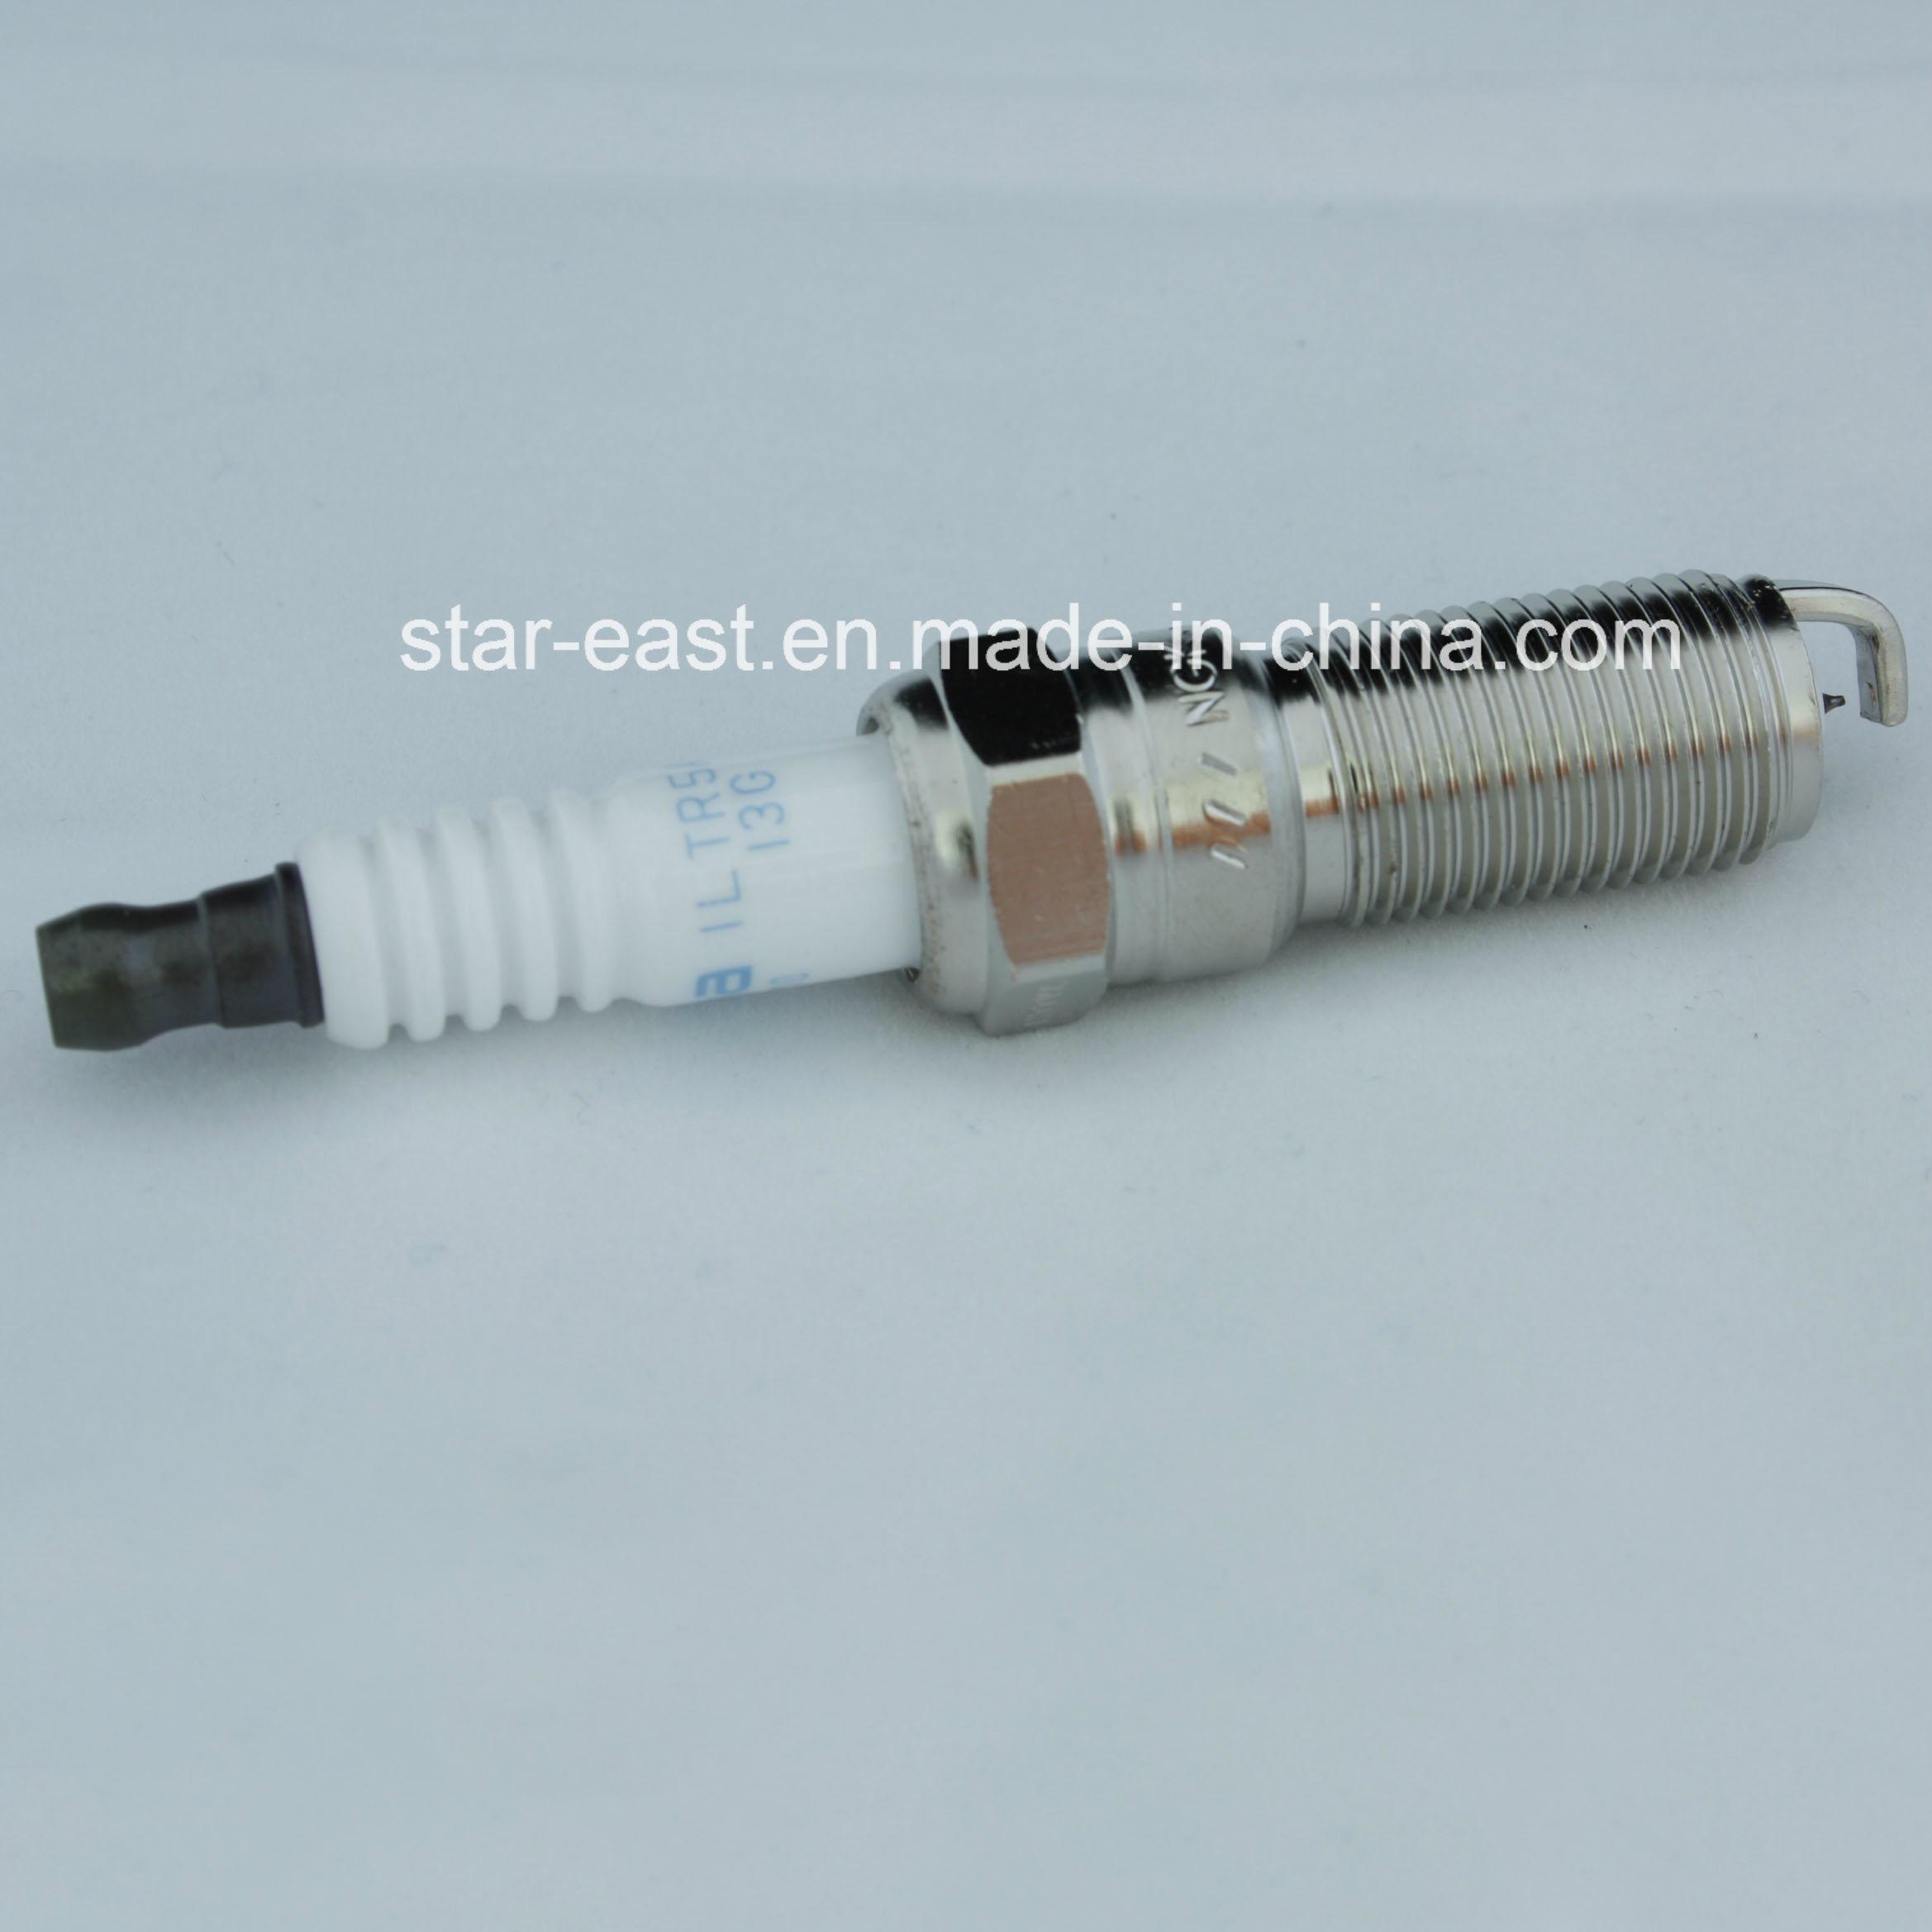 Iridium Power Spark Plug for Mazda L3y2 18110